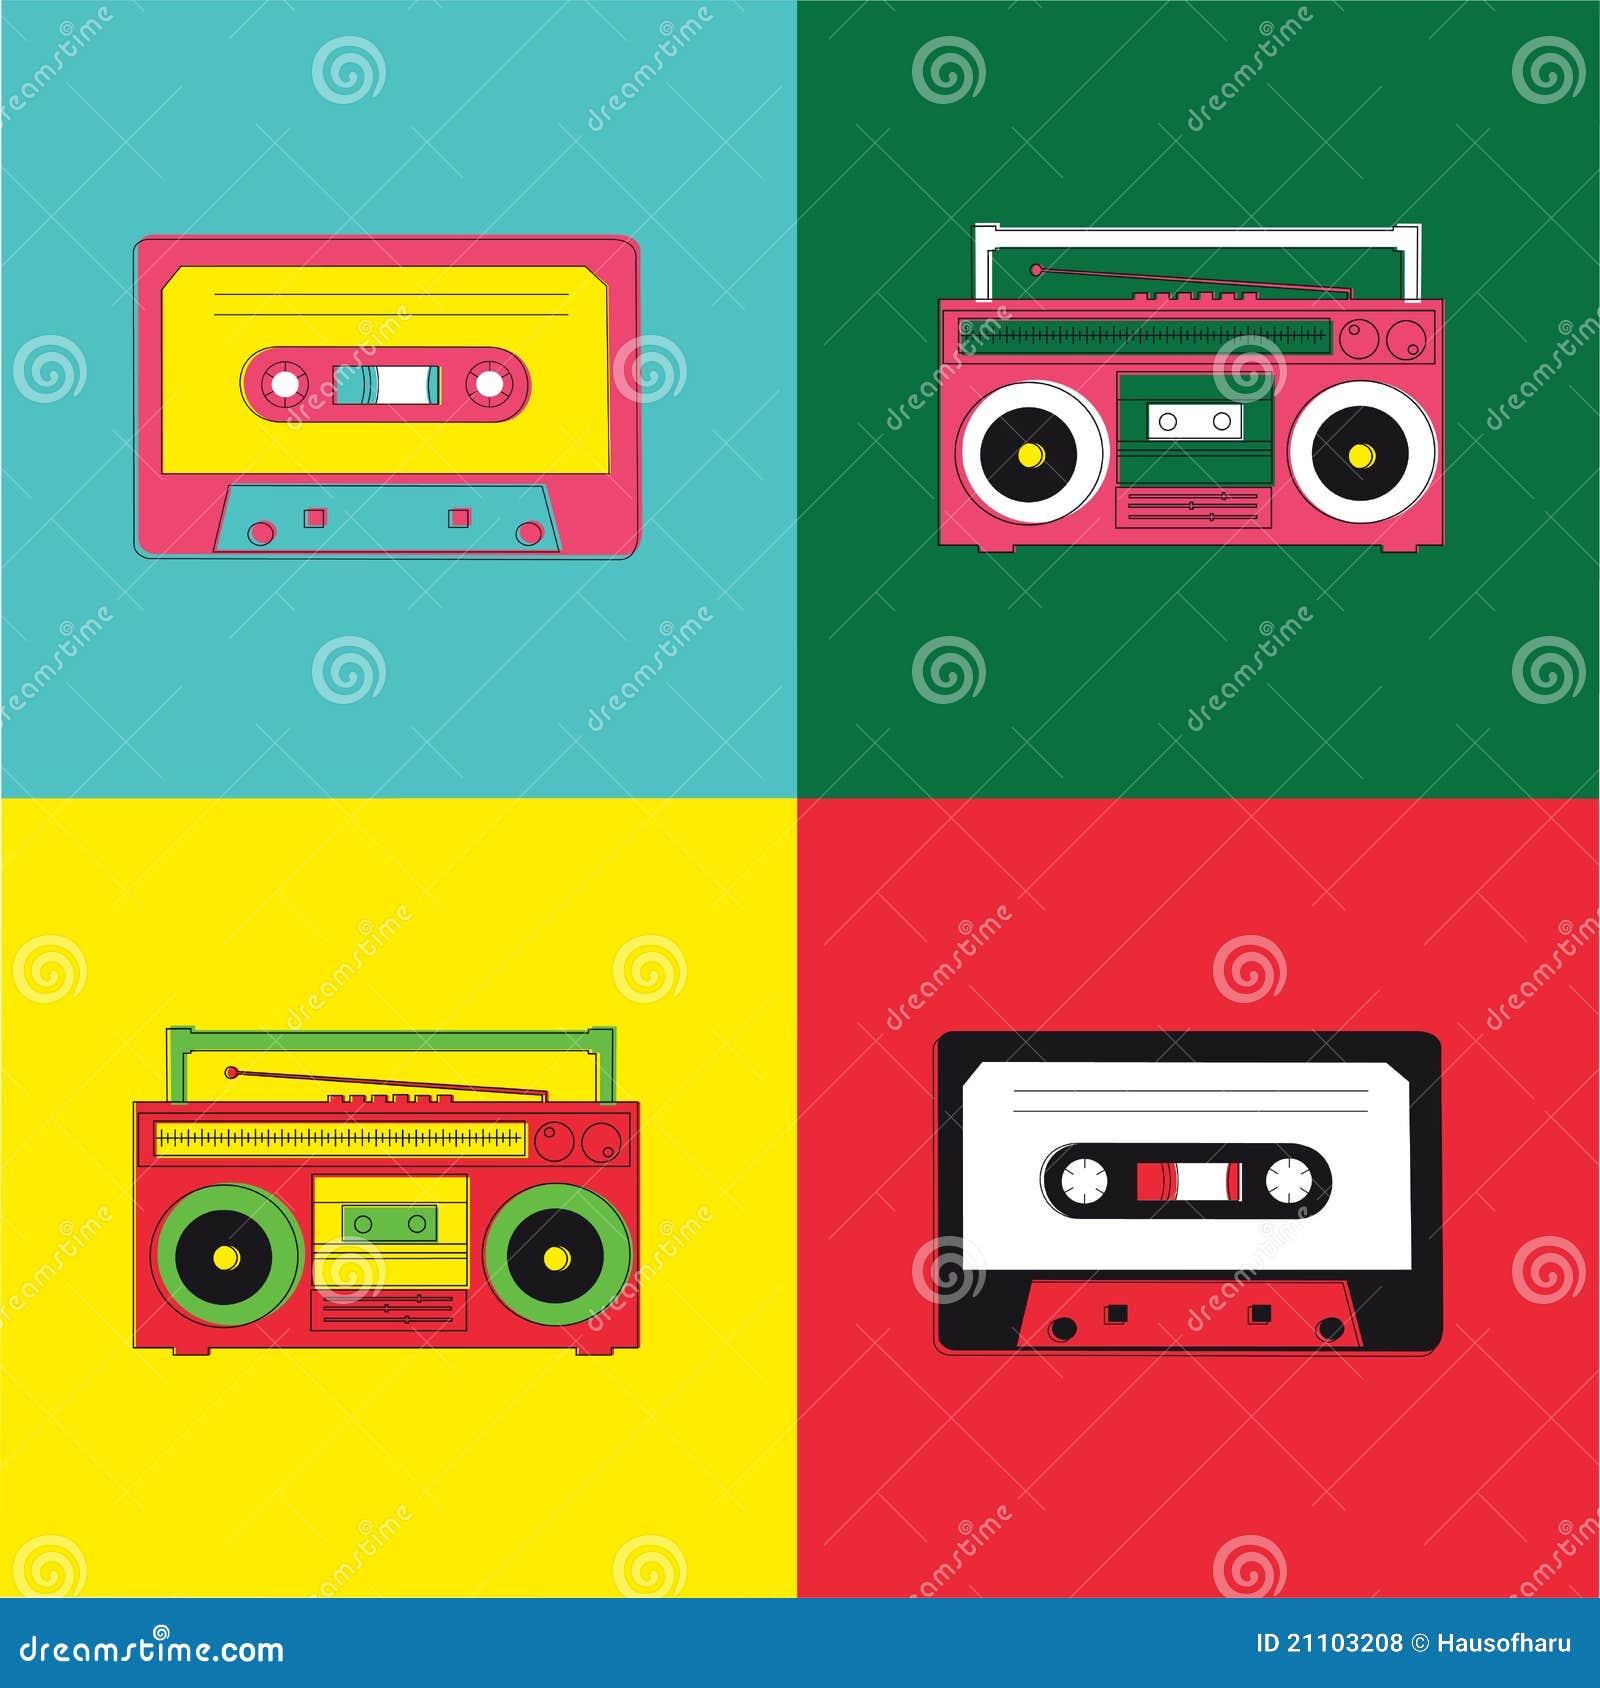 Boombox Pop Art Pop Art Radio Cassette